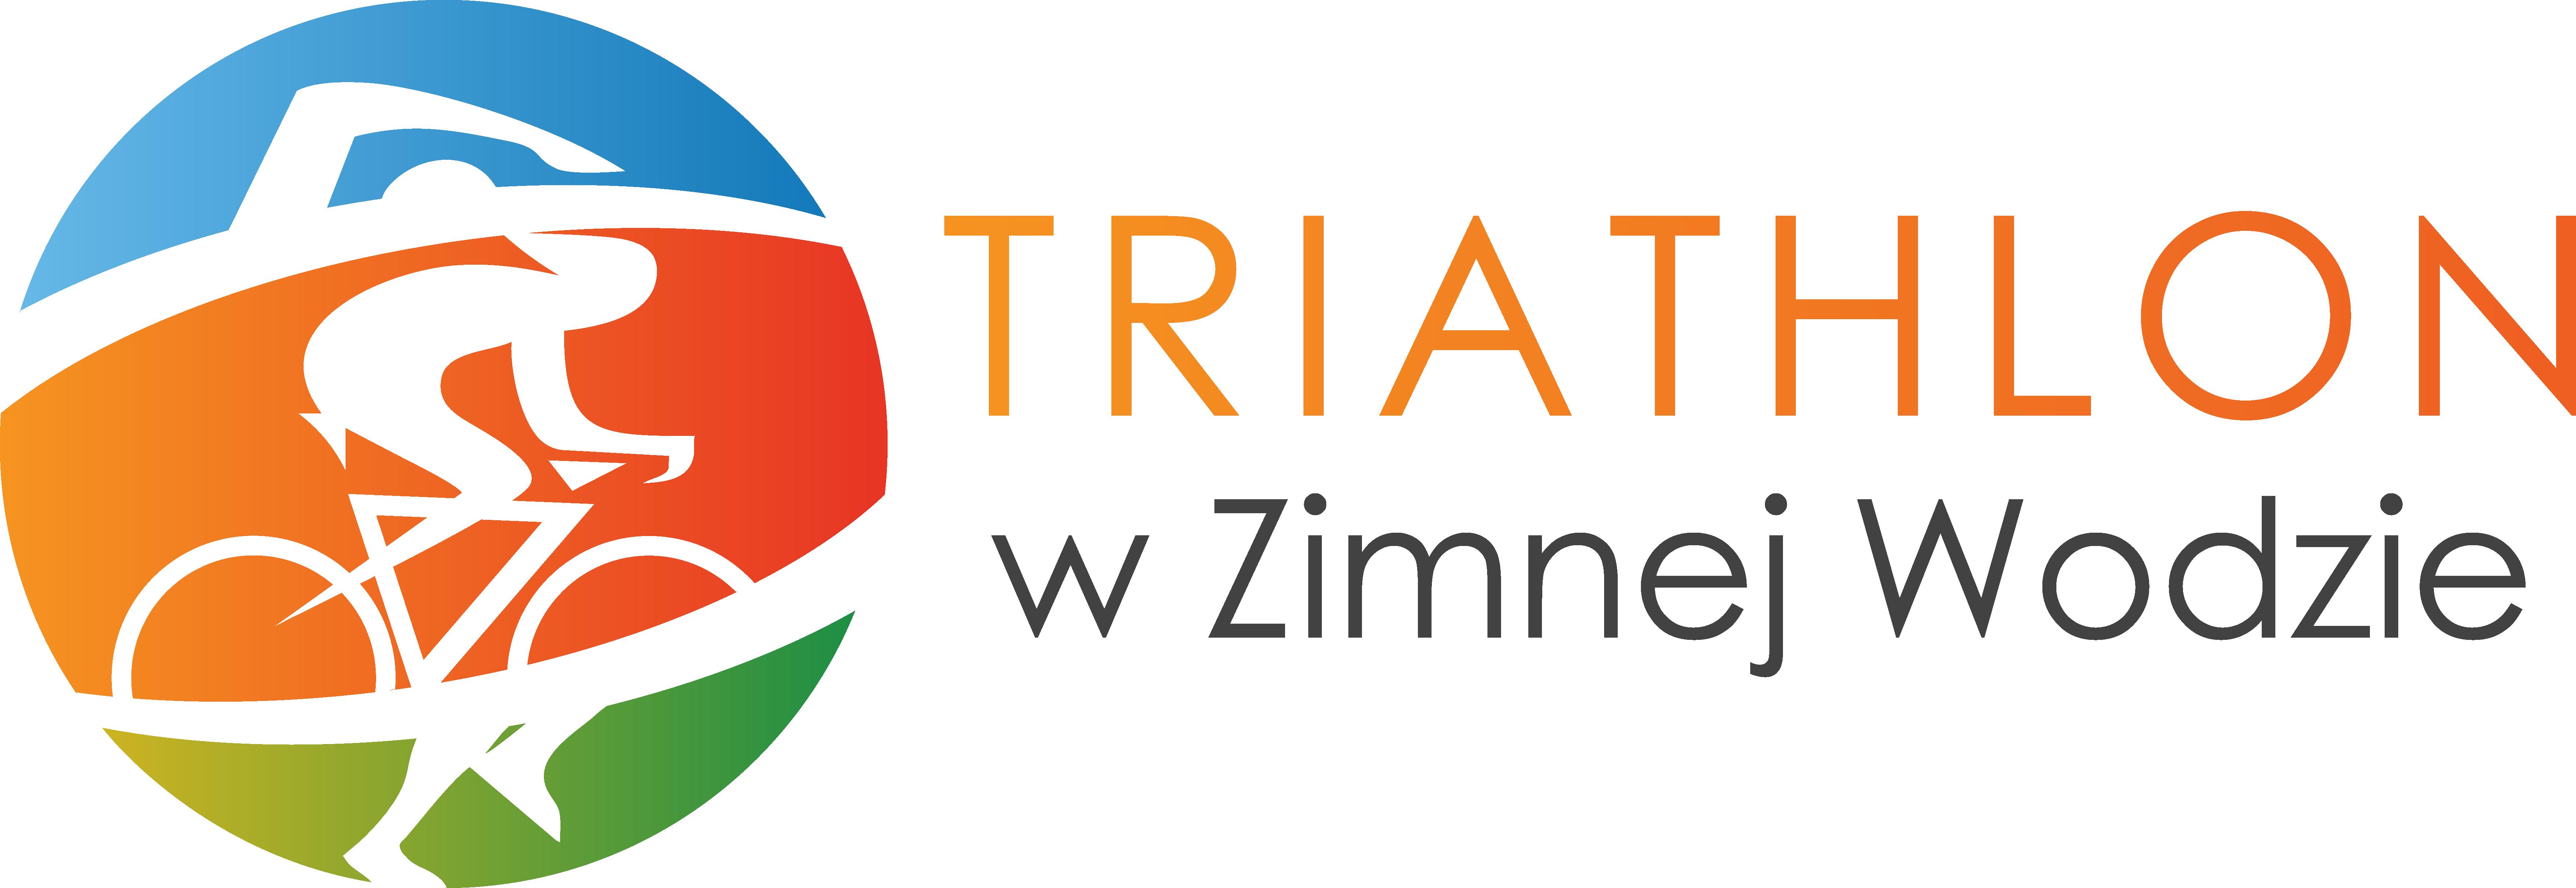 Logo Zawodów Triathlon w Zimnej Wodzie 2021